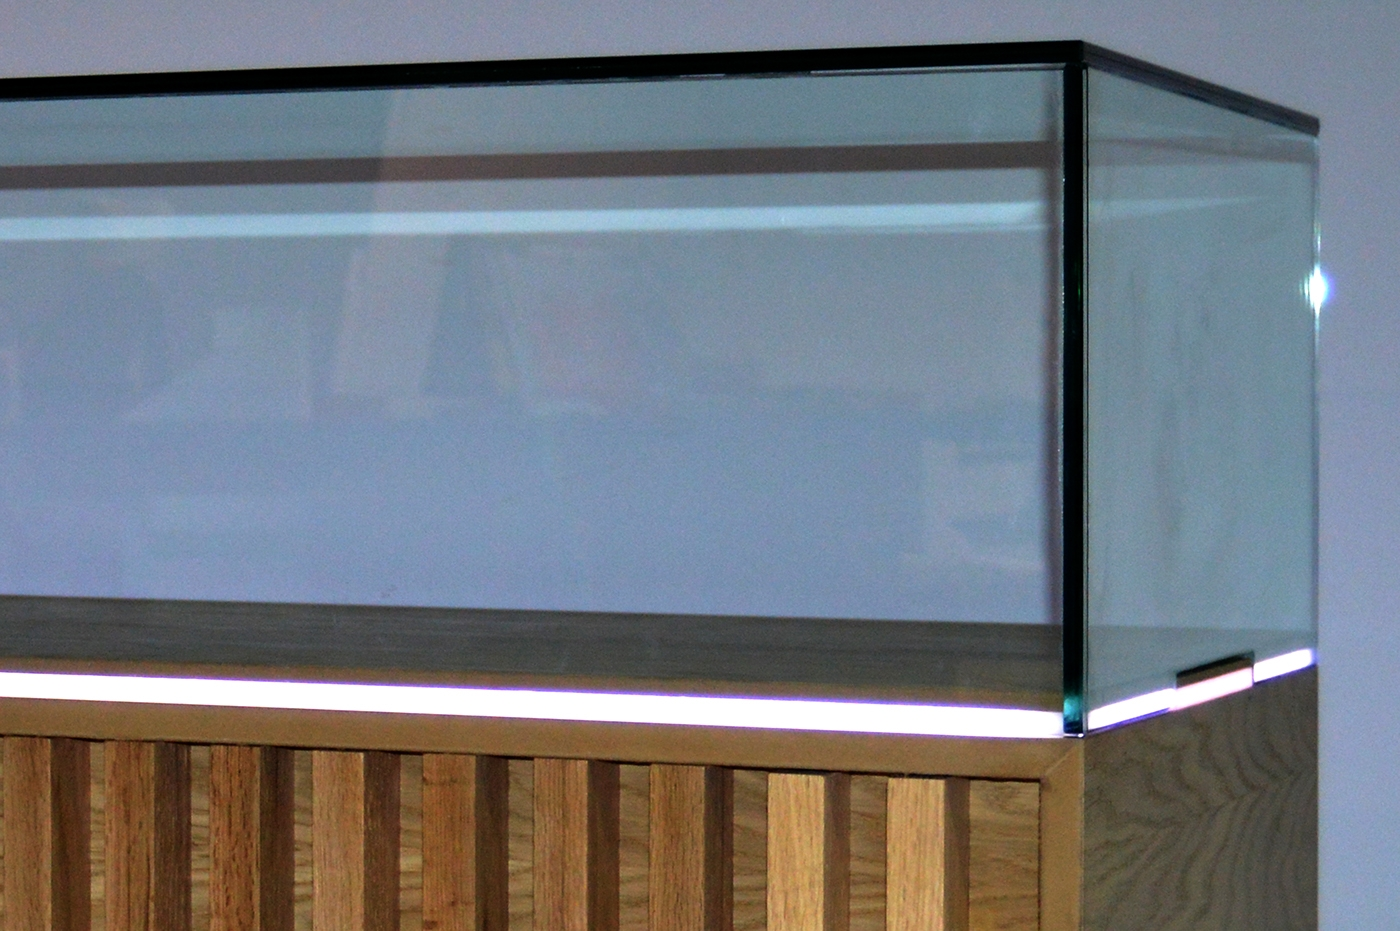 Diseñamos y desarrollamos el mobiliario expositivo del centro de visitantes del Teleférico del Teide. Este elemento debía cumplir una serie de requisitos constructivos y de diseño tales como, simplicidad y lineas rectas, movilidad, iluminación integrada en la estructura y aspecto natural acorde con el entorno de exposición.